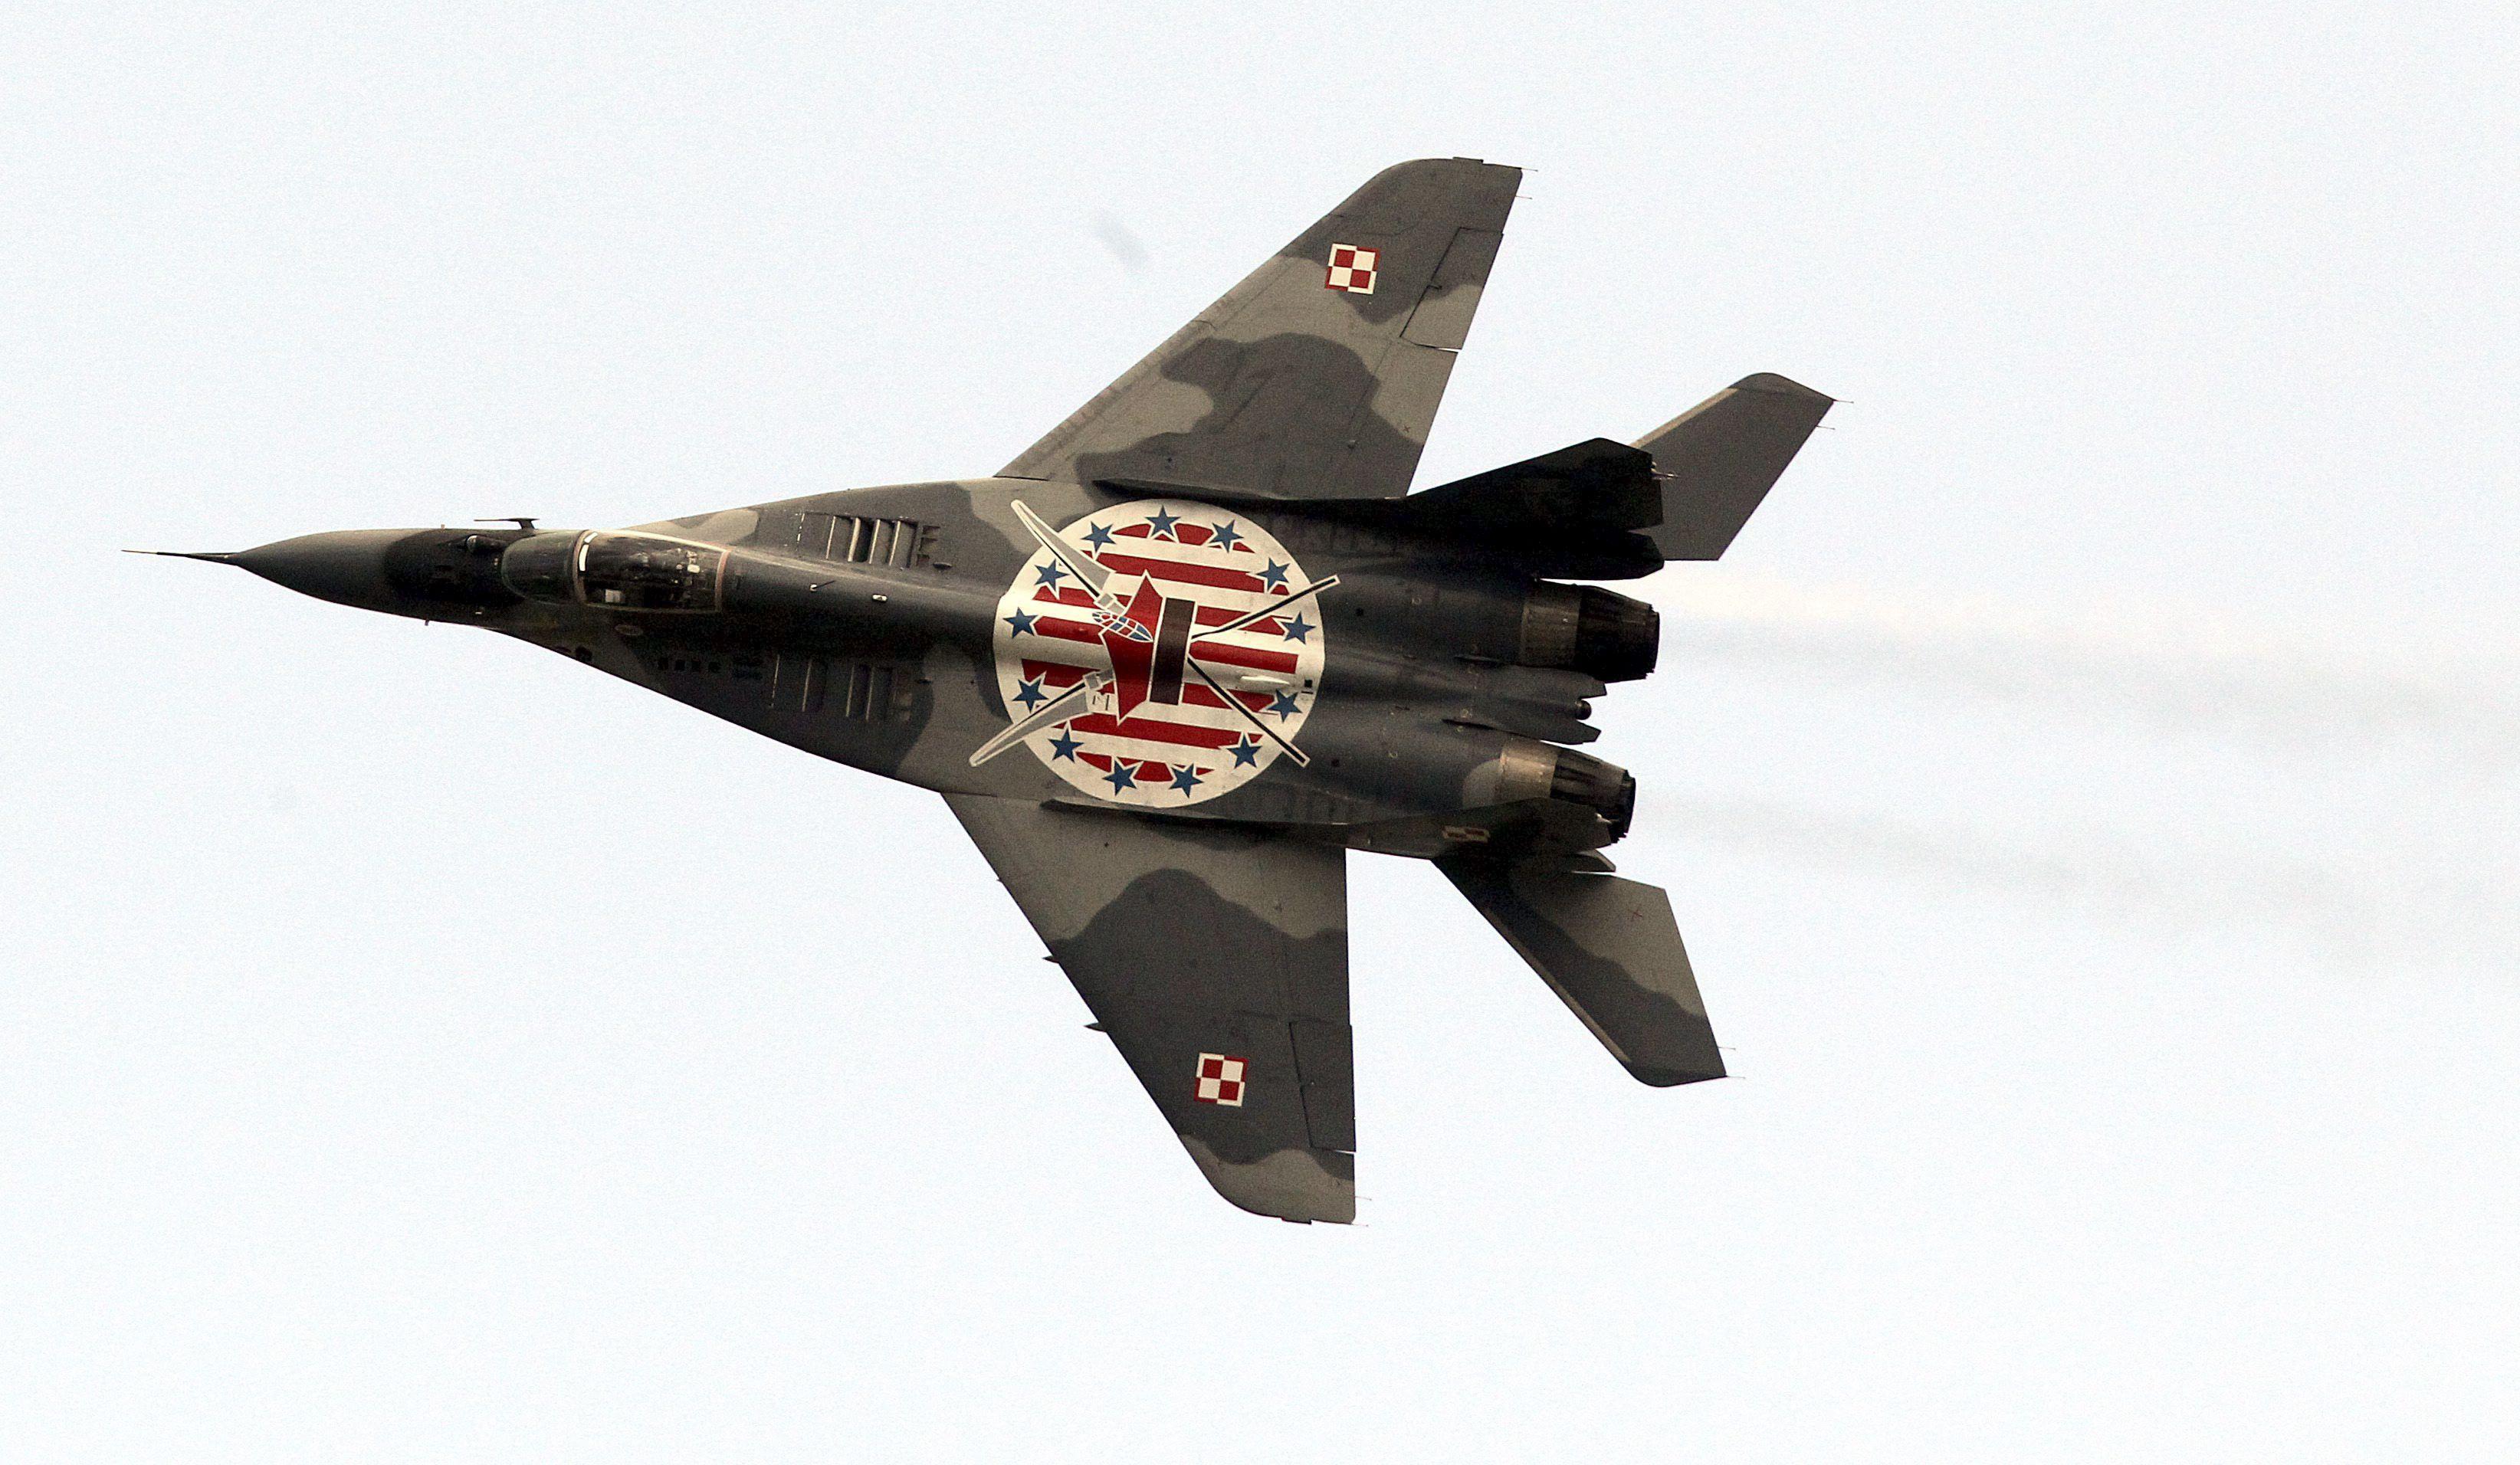 Rusia y Siria negocian condiciones del suministro de cazas MiG-29 a Damasco